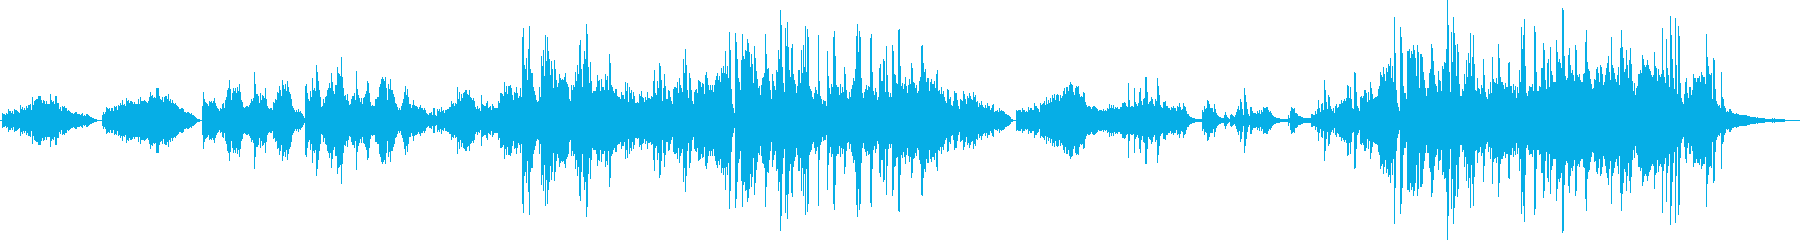 爽やかで感動的なヒーリングピアノソロの再生済みの波形